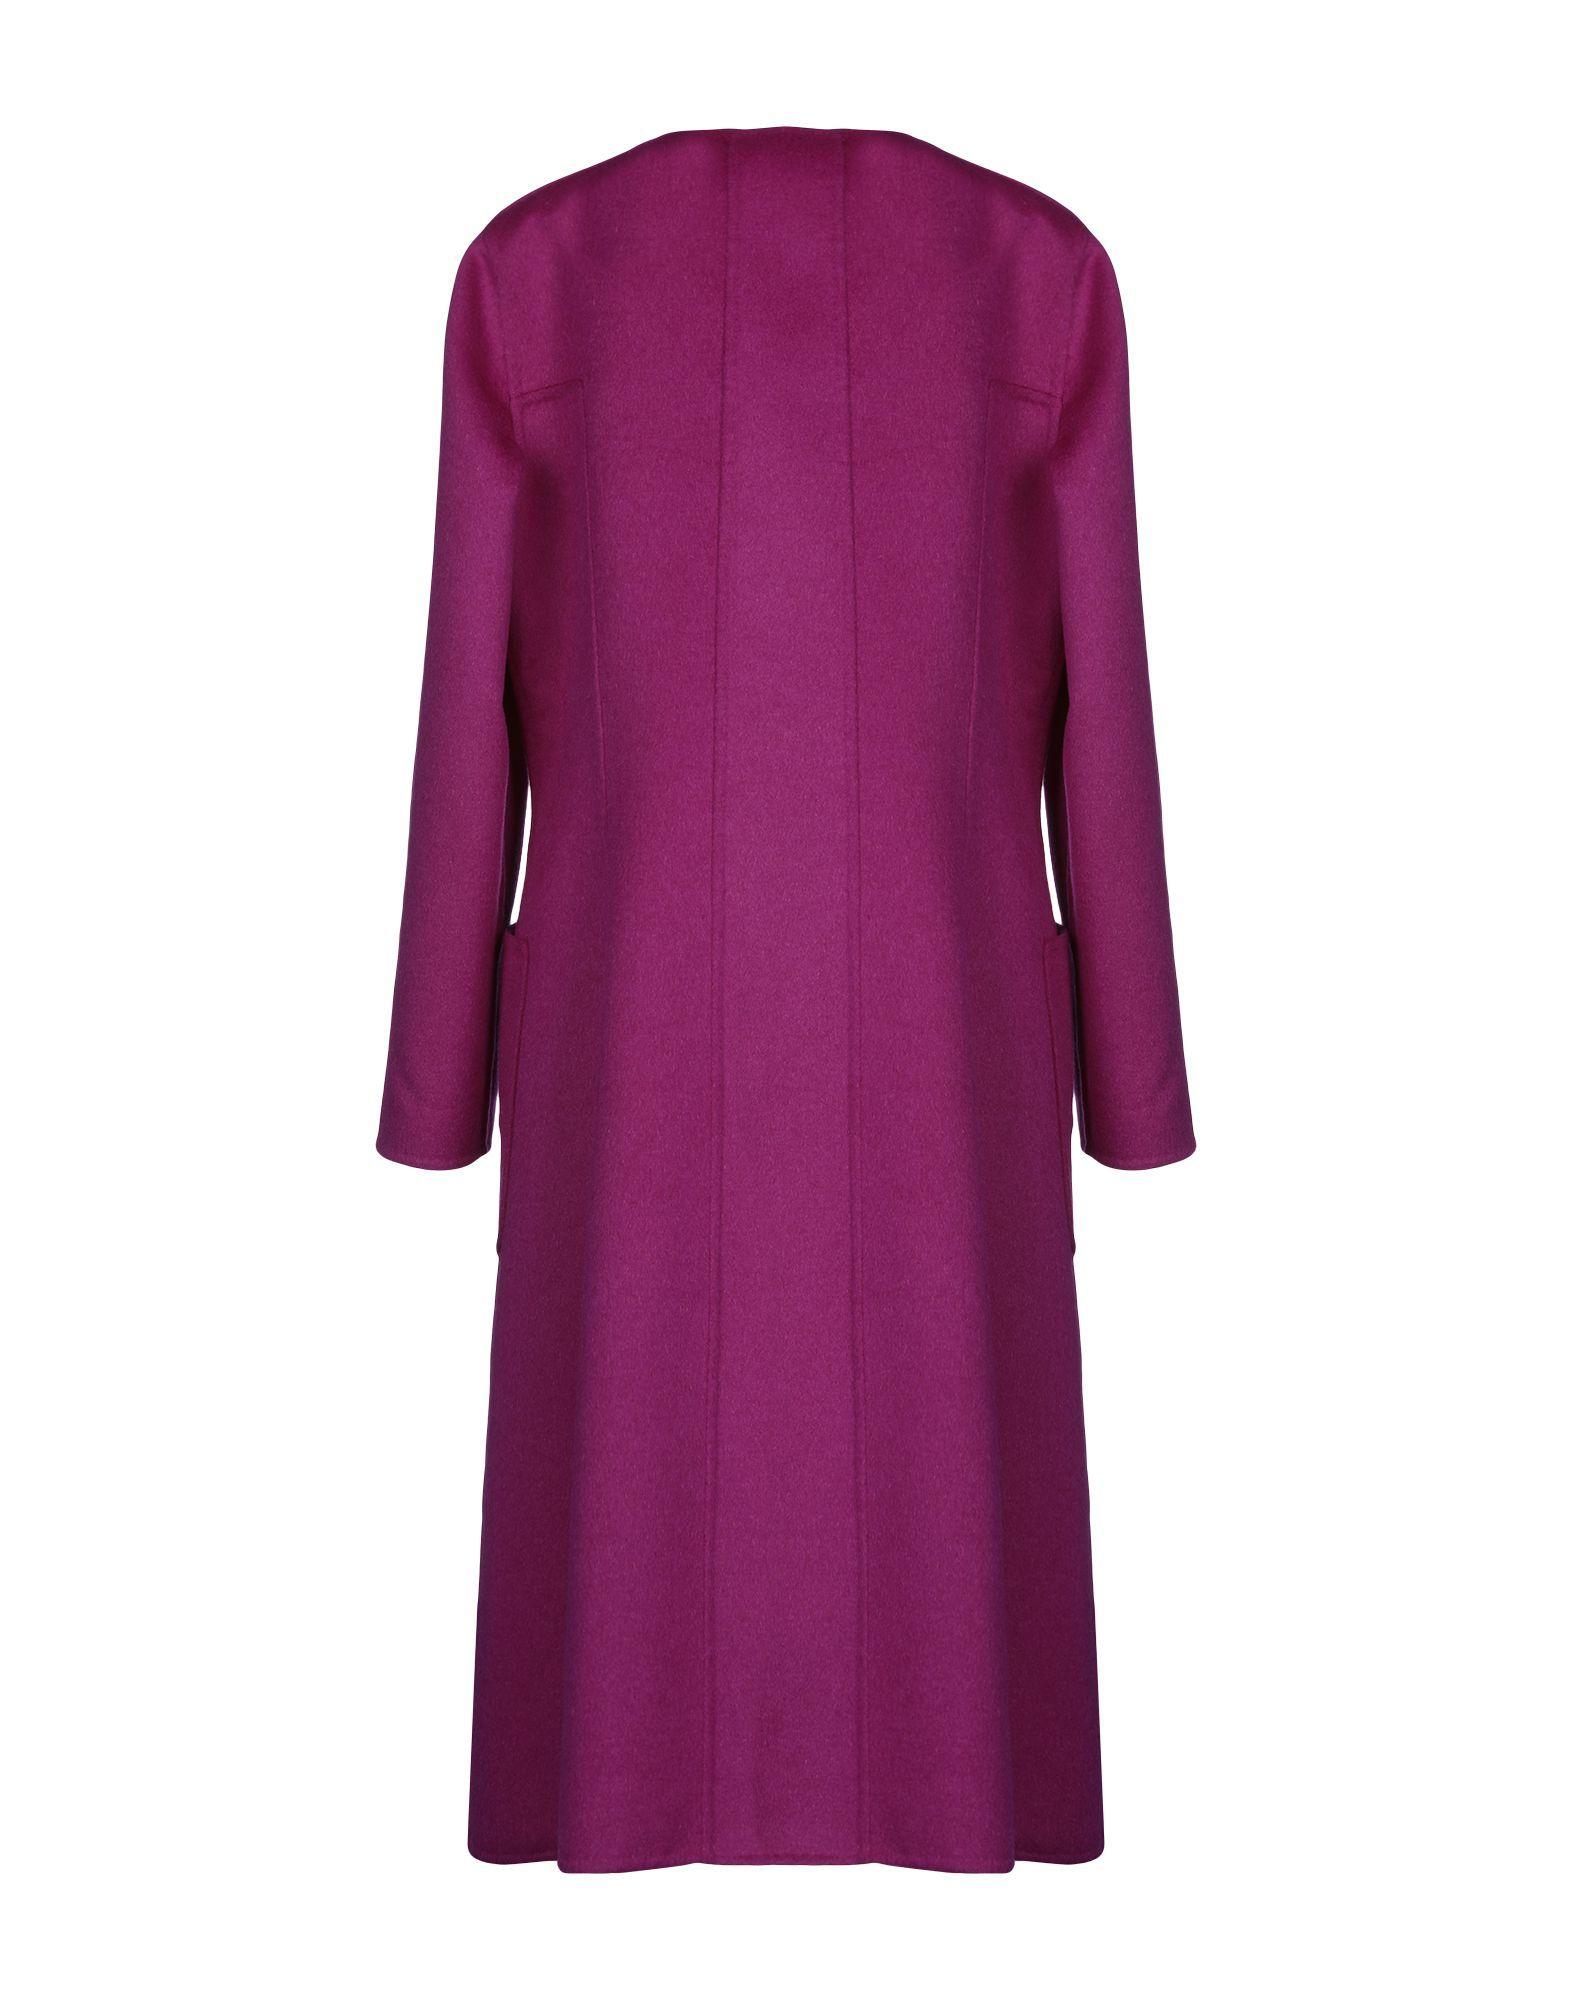 Oscar De La Renta Purple Wool Coat